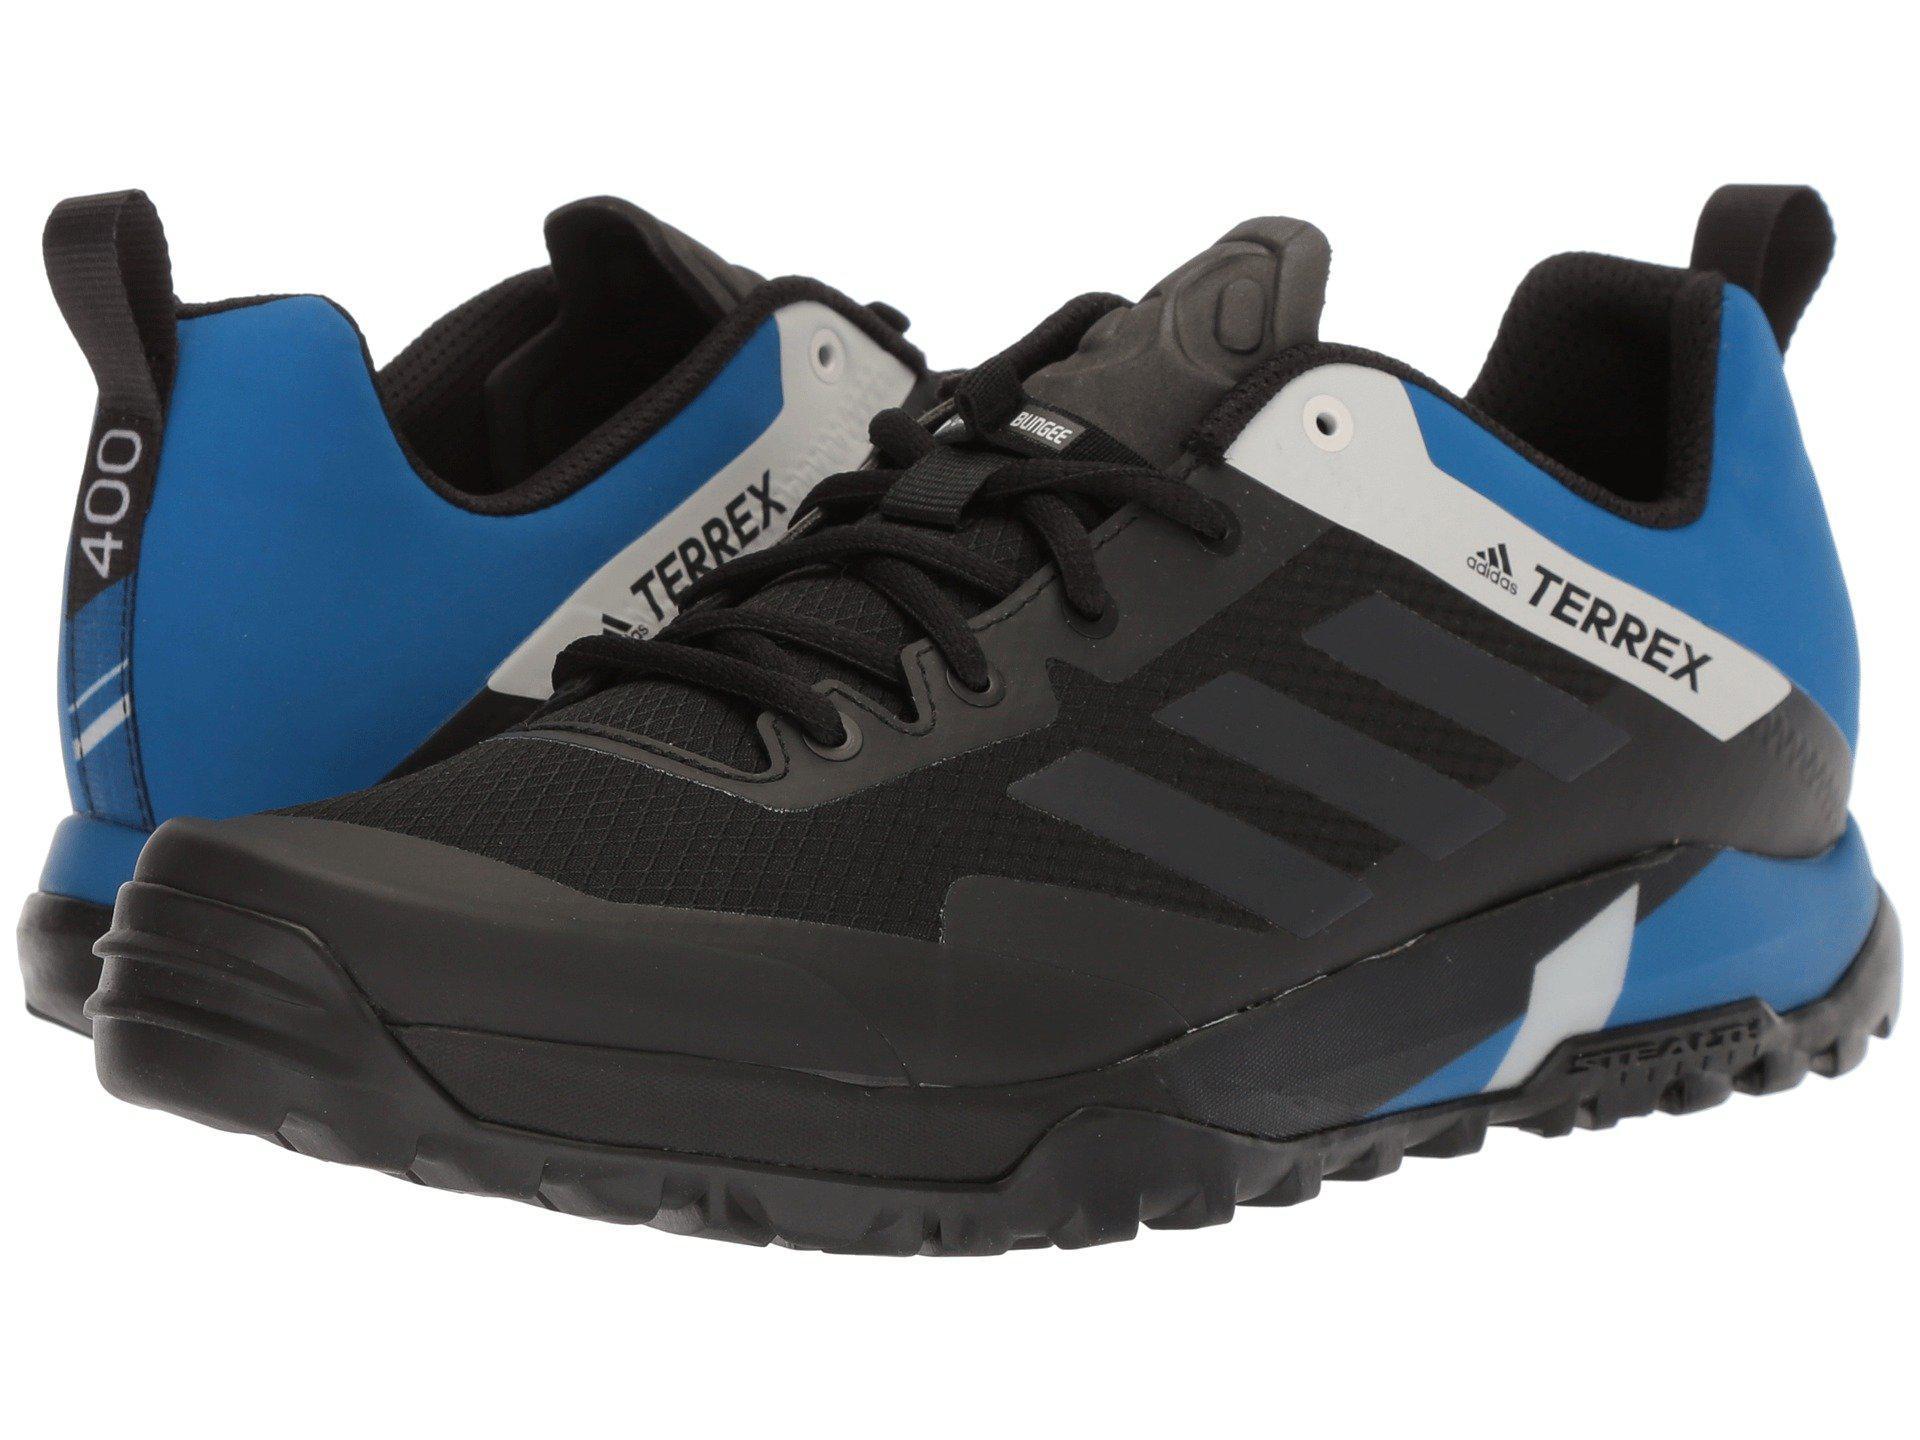 001f67d2bed1 Lyst - adidas Originals Terrex Trail Cross Sl (black carbon blue ...